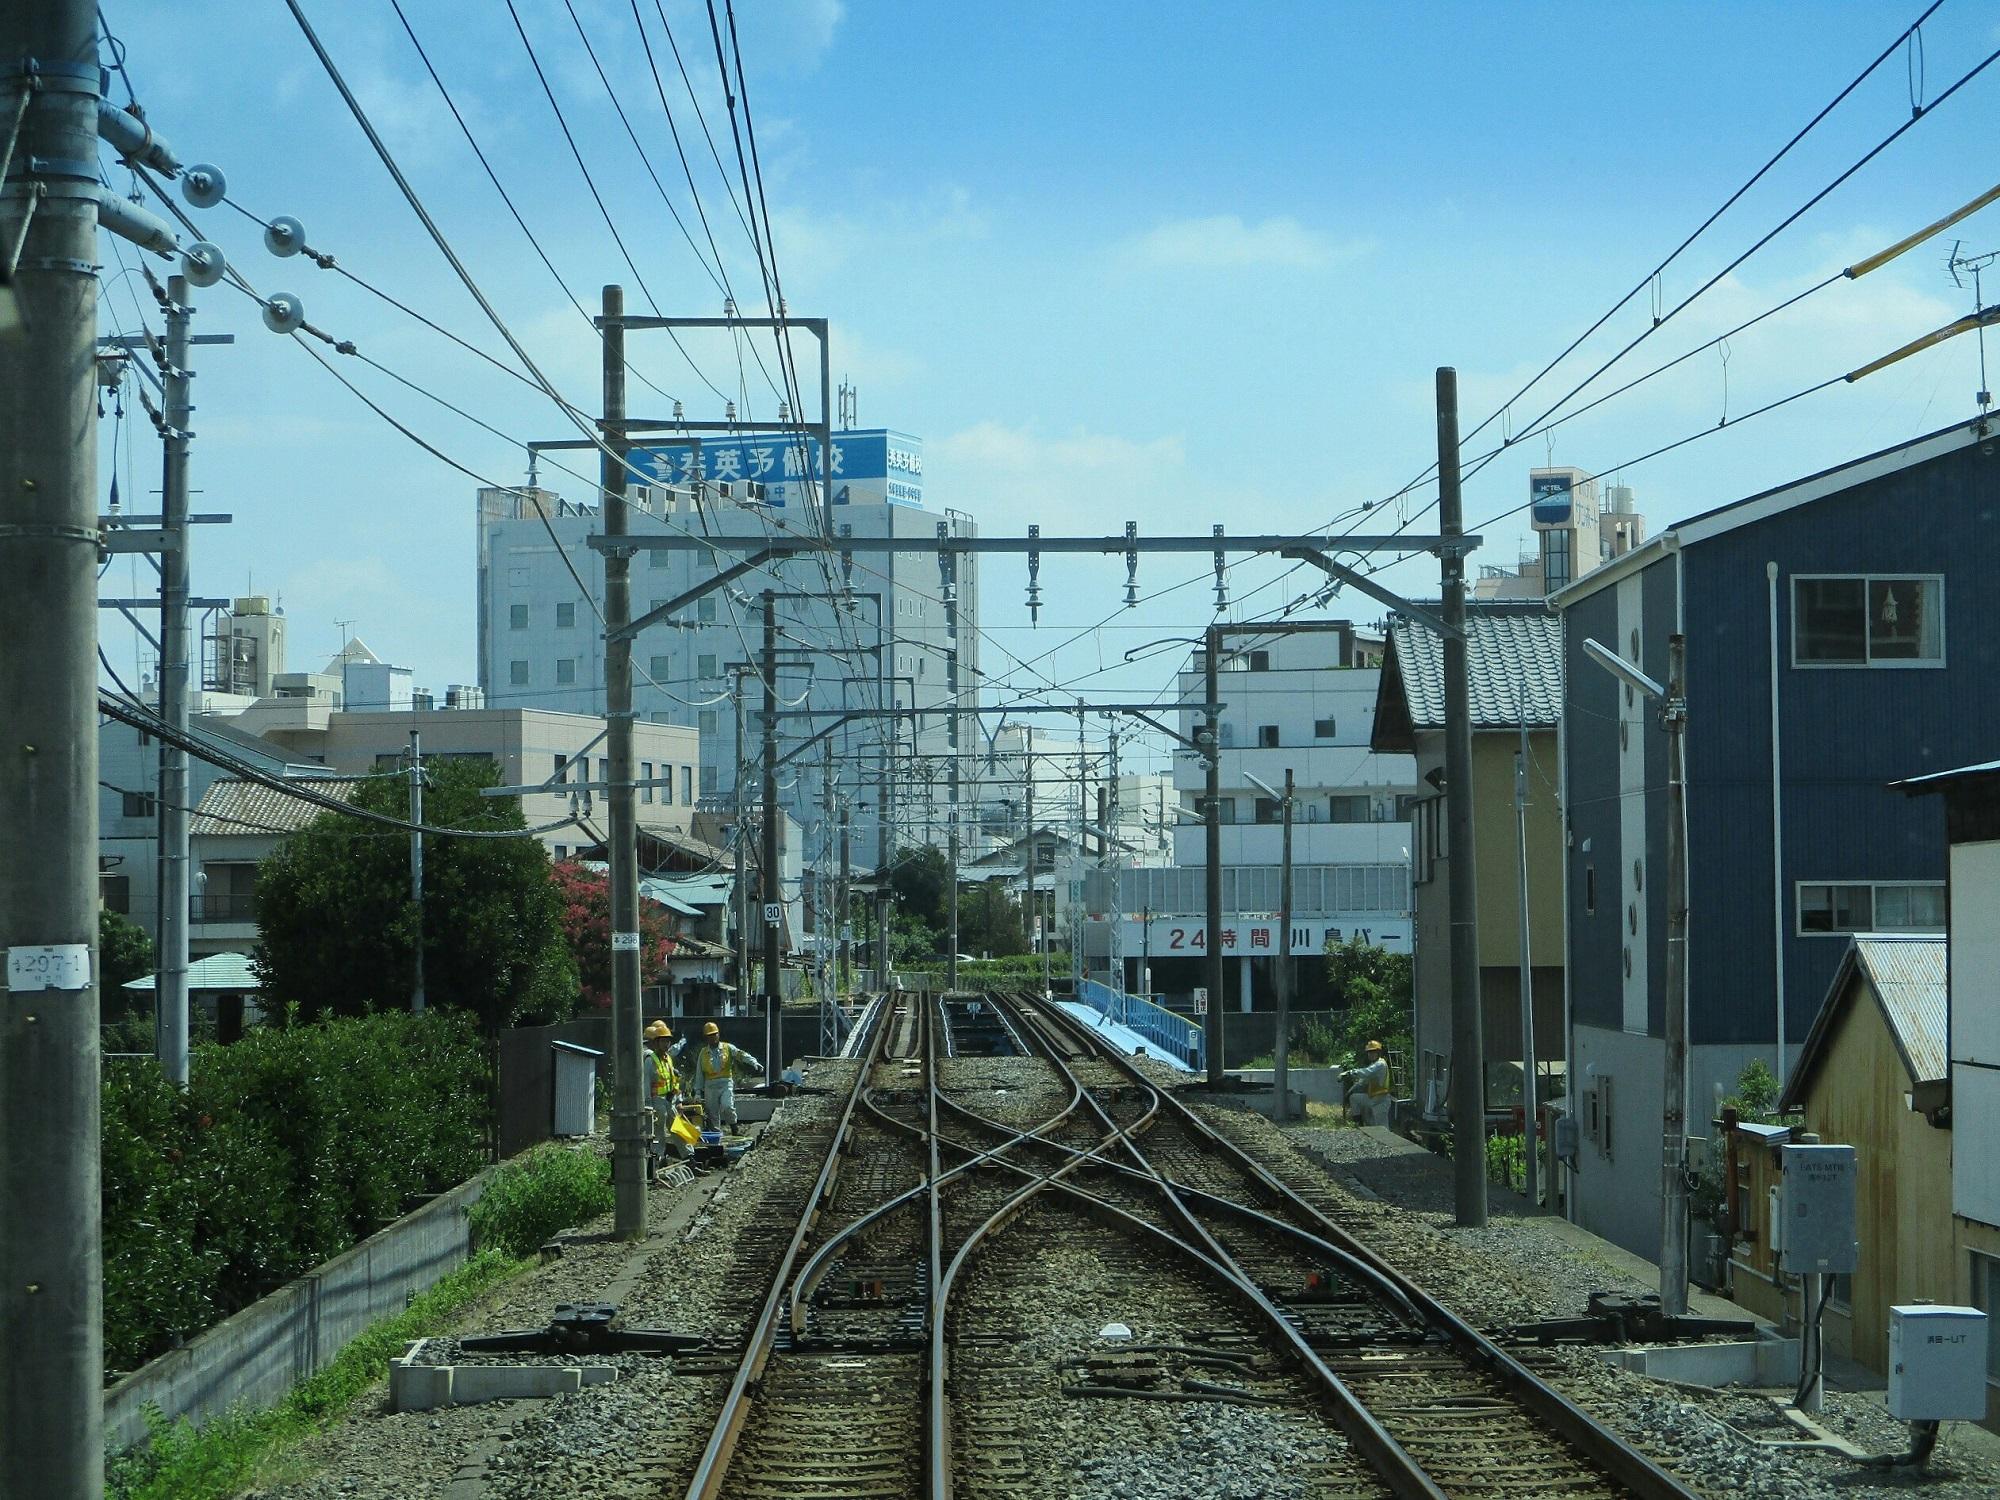 2018.8.10 (78) 新清水いきふつう - 入江岡-新清水間 2000-1500